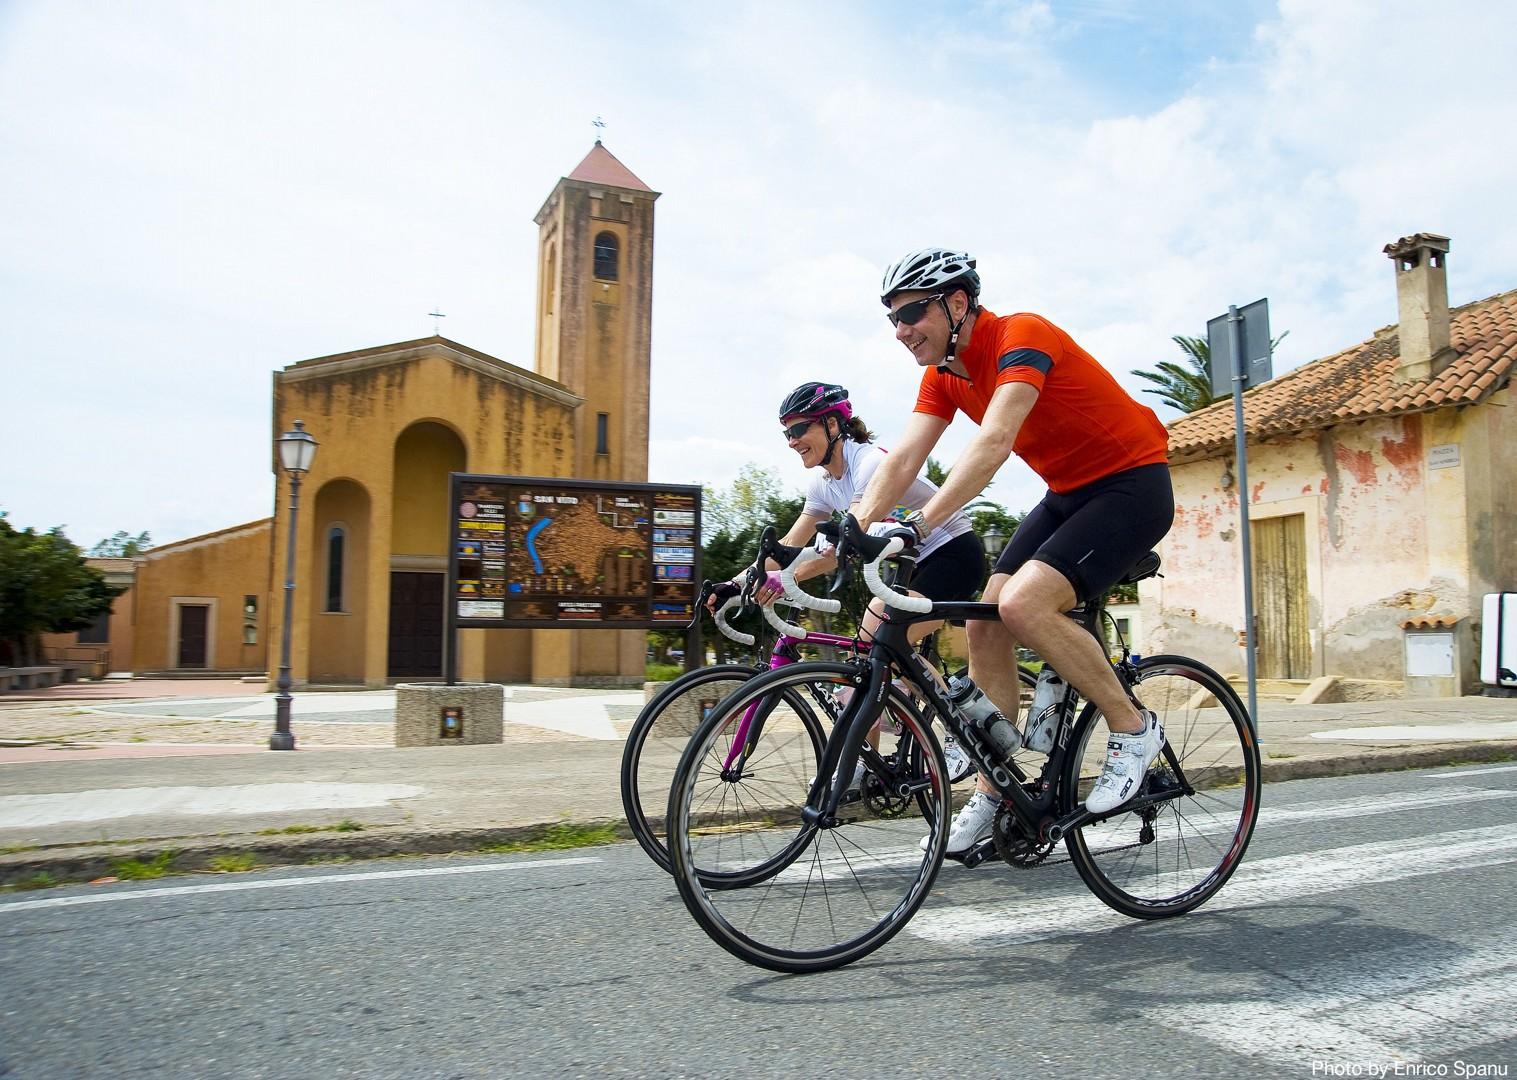 Sardinia-Sardinian-Mountains-Guided-Road-Cycling-Holiday.jpg - Italy - Sardinia - Sardinian Mountains - Guided Road Cycling Holiday - Italia Road Cycling